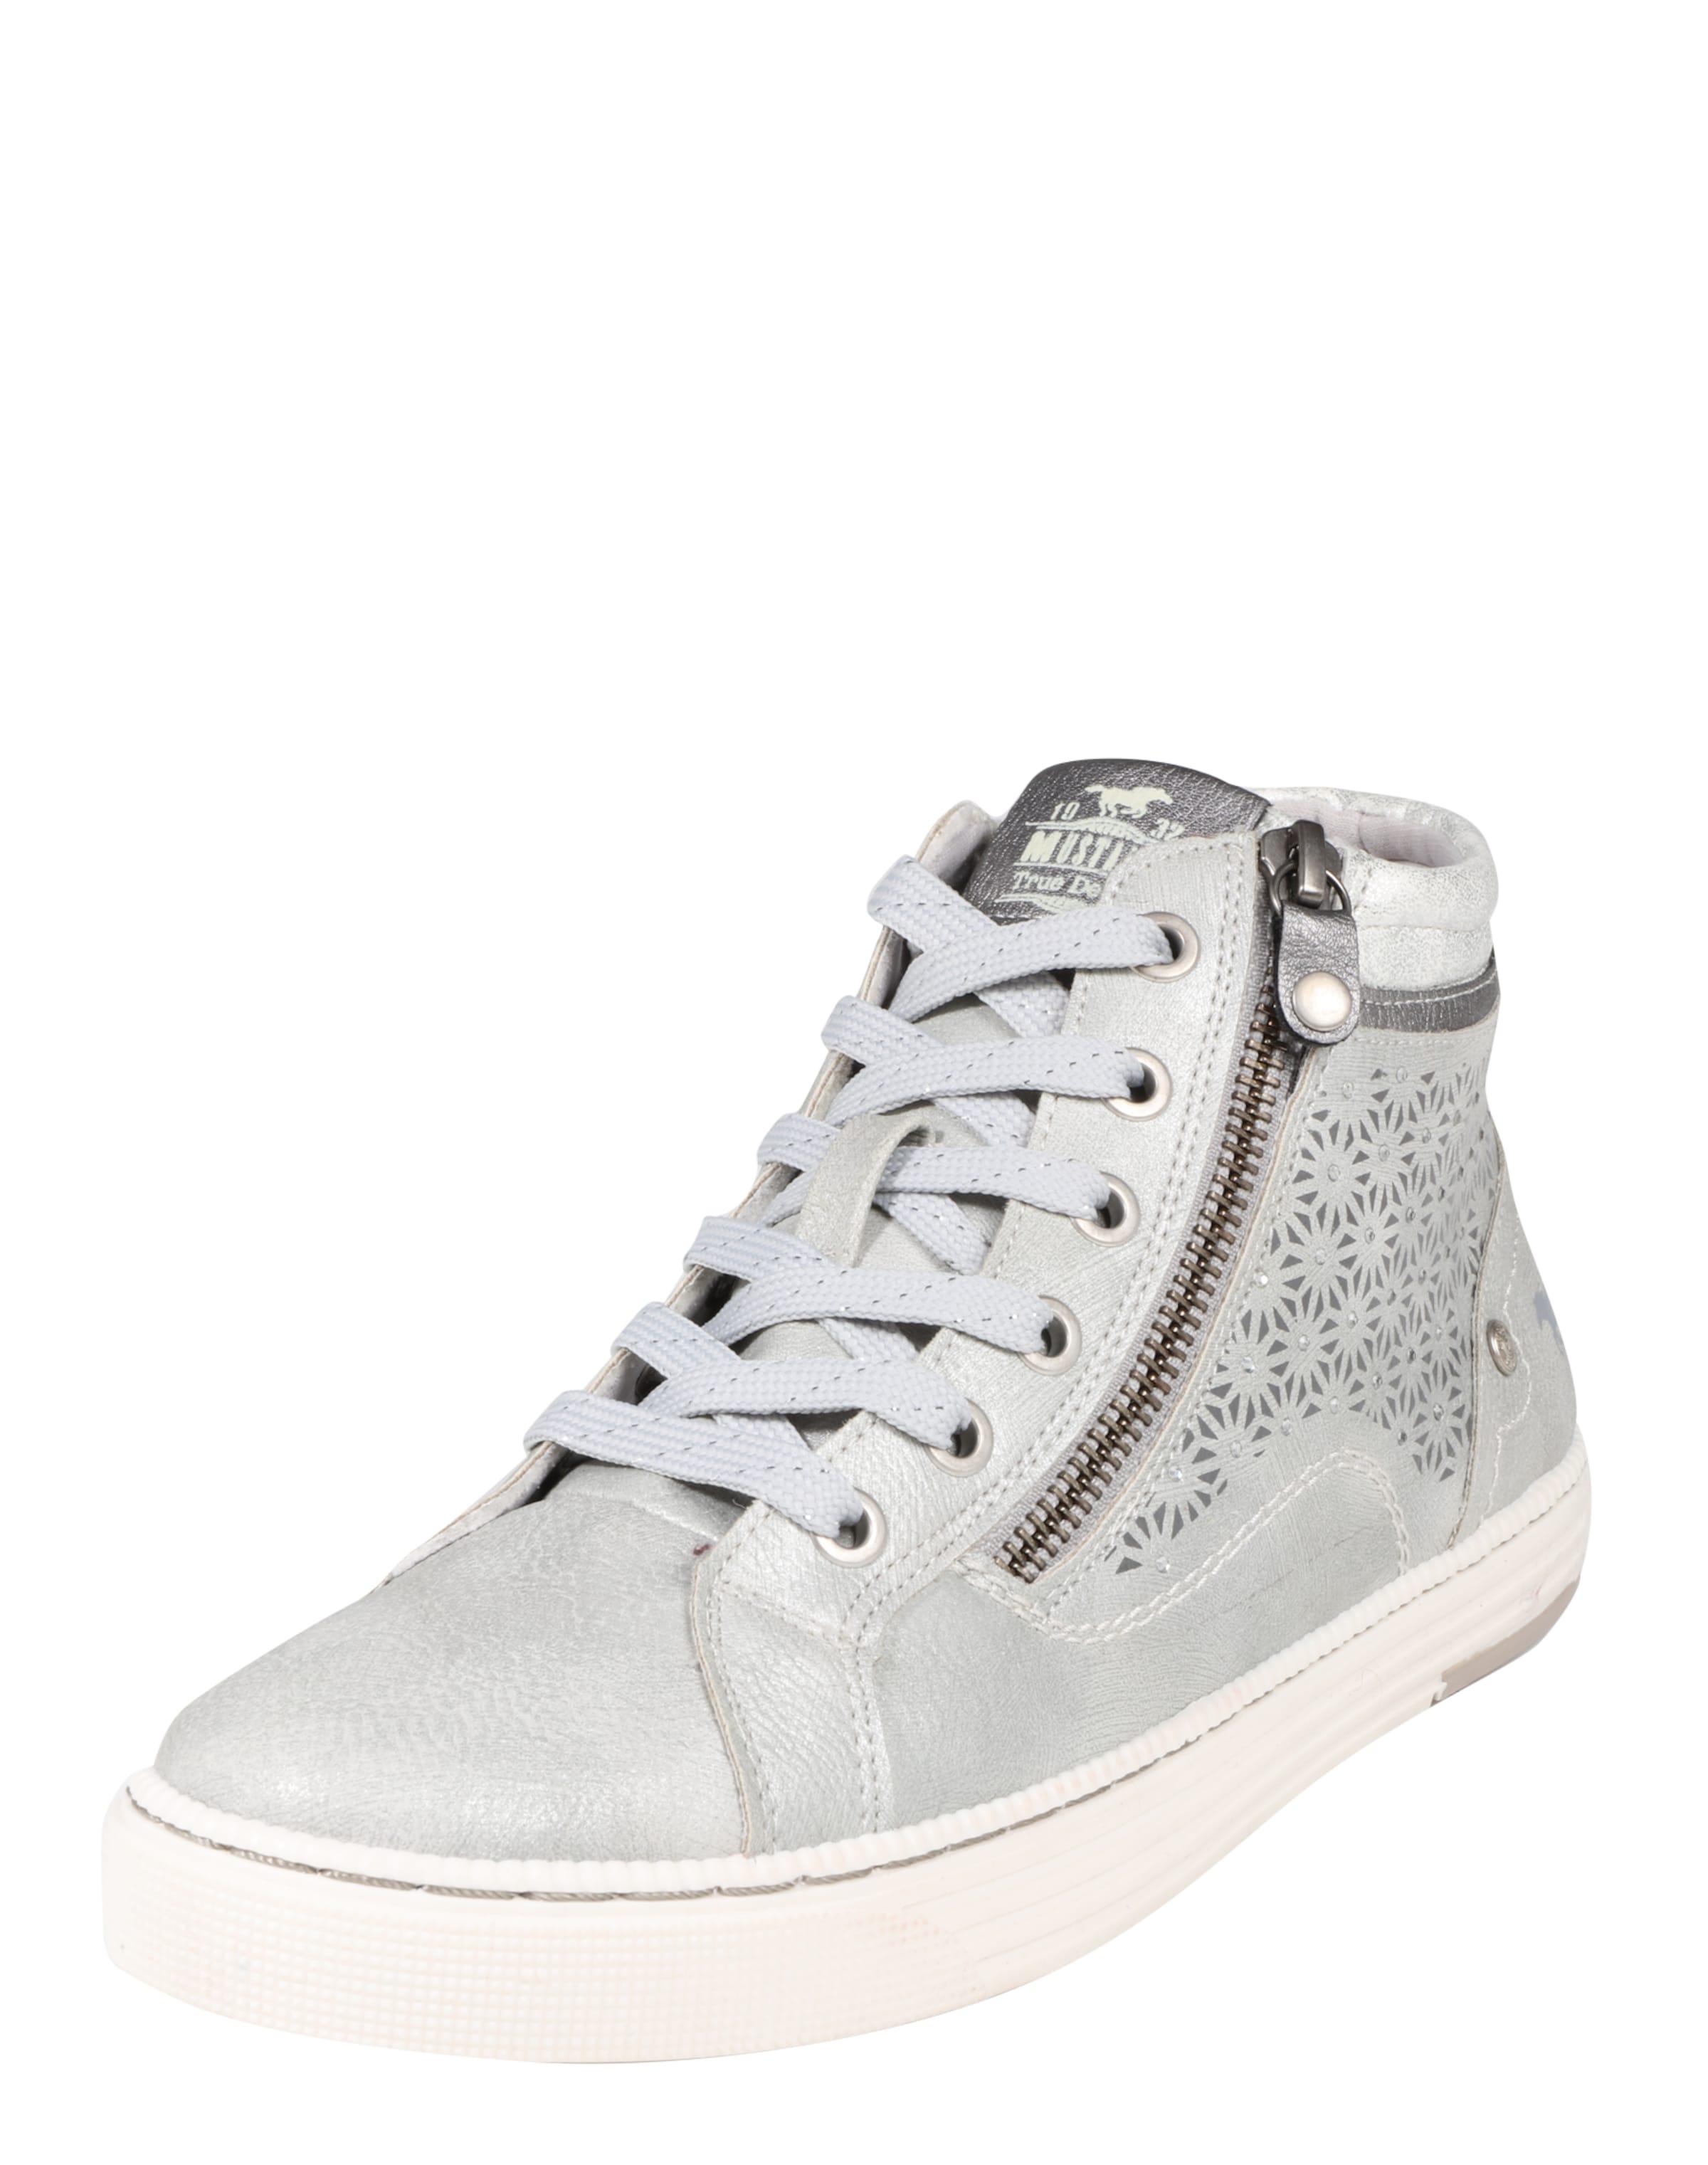 MUSTANG Sneaker mit Strass-Applikationen Verschleißfeste billige Schuhe